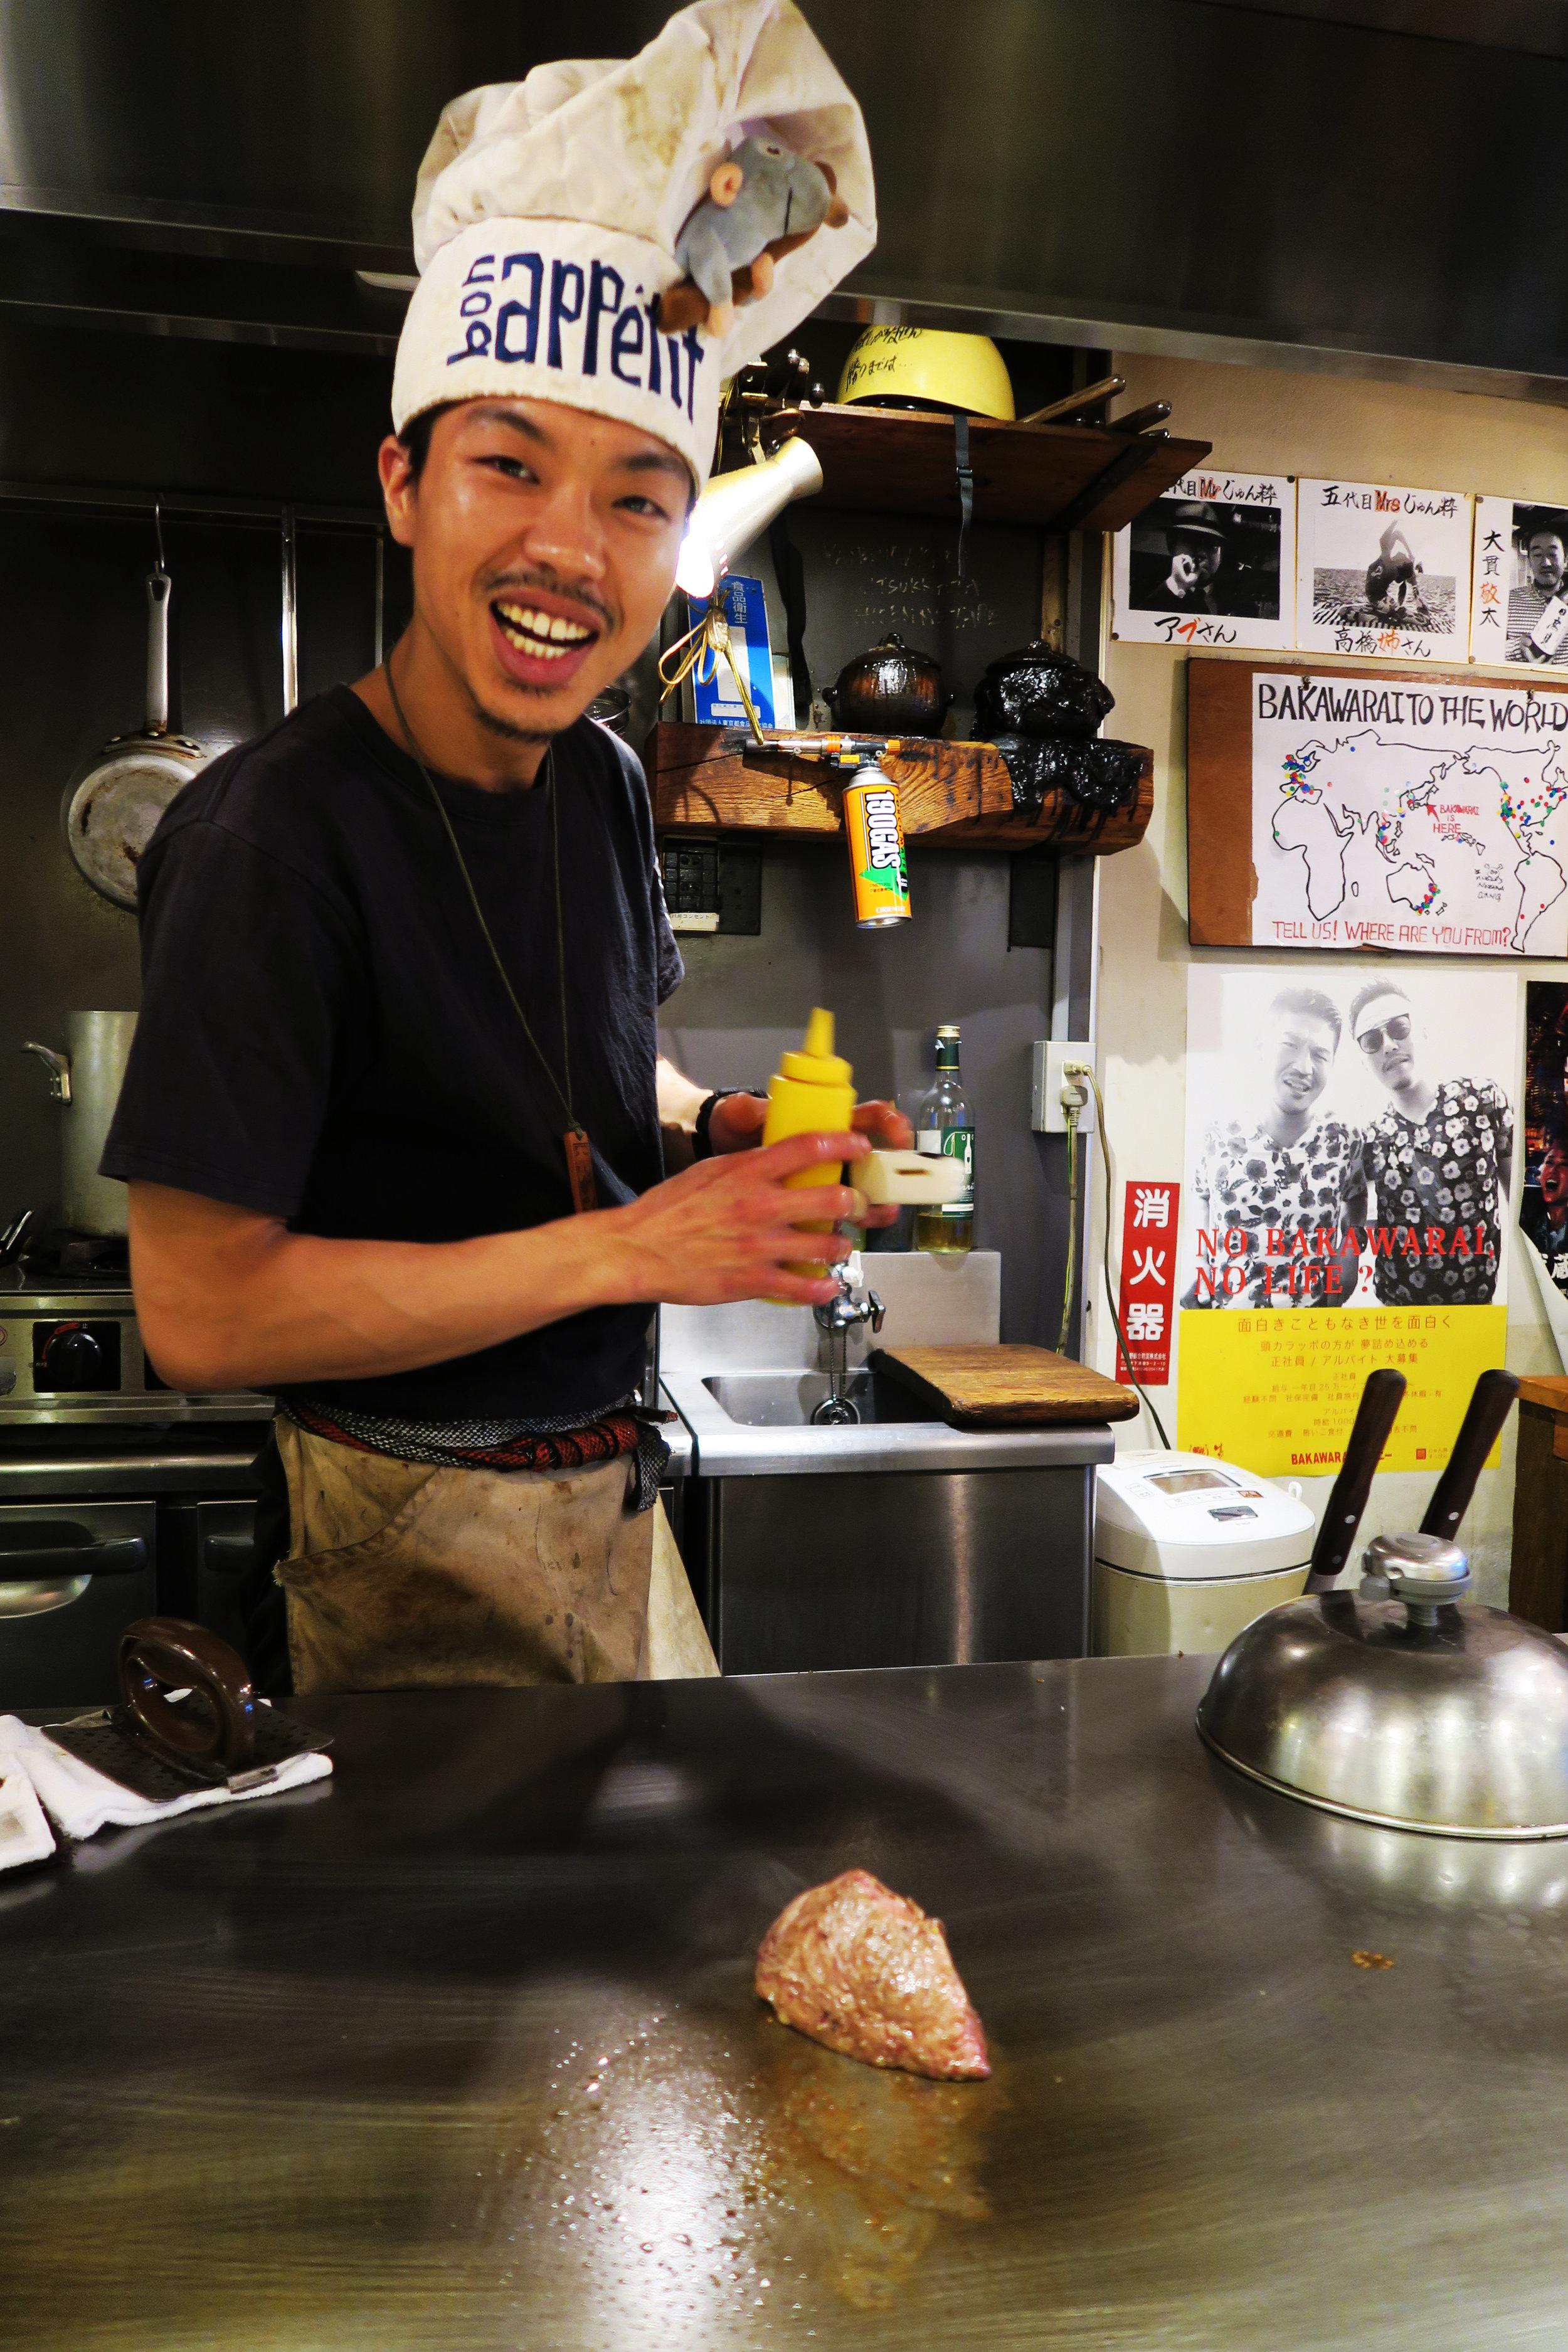 Chef at Bakawarai Kichijoji Izakaya